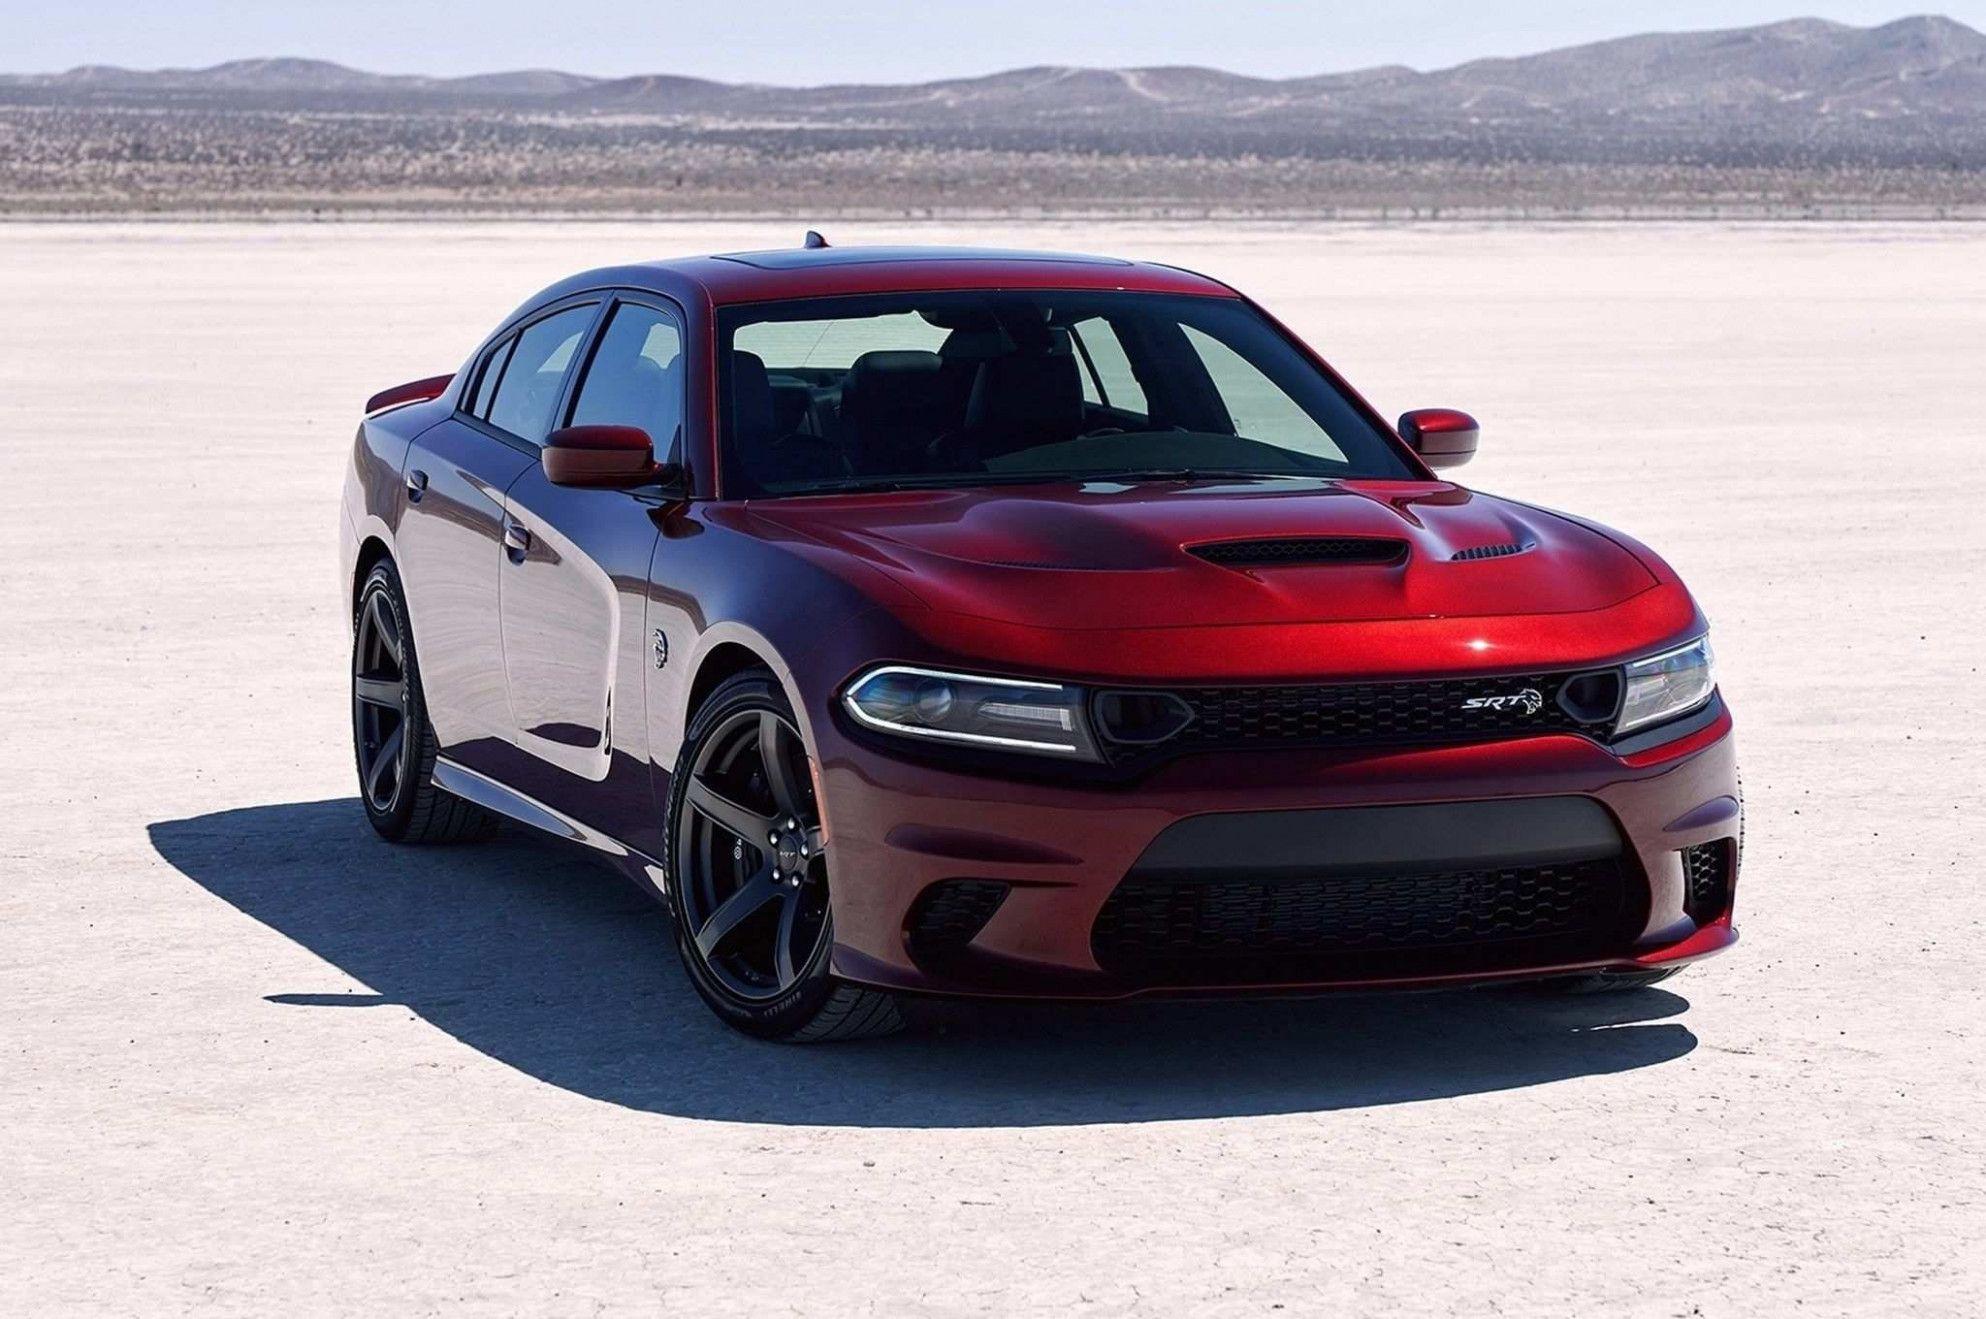 2020 Dodge Avenger Srt Rumors